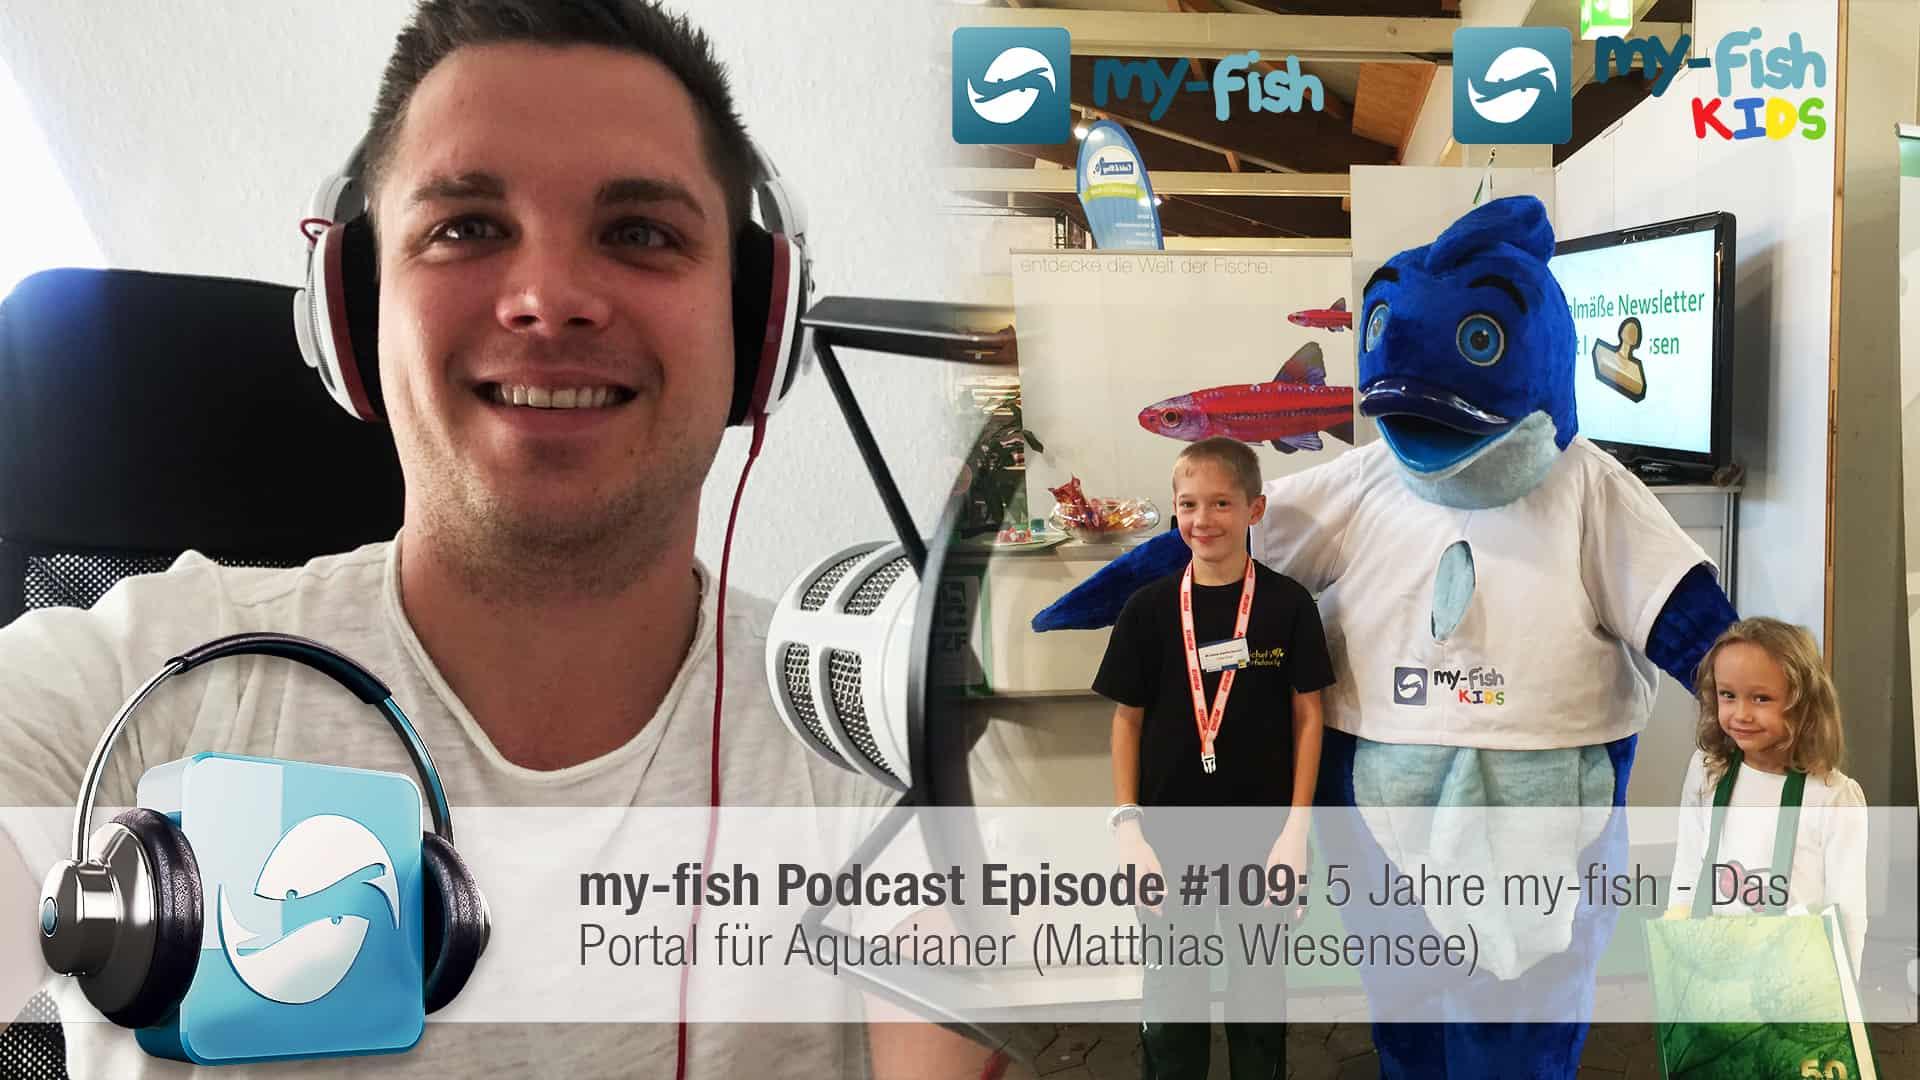 Podcast Episode #109: 5 Jahre my-fish - Das Portal für Aquarianer (Matthias Wiesensee) 1